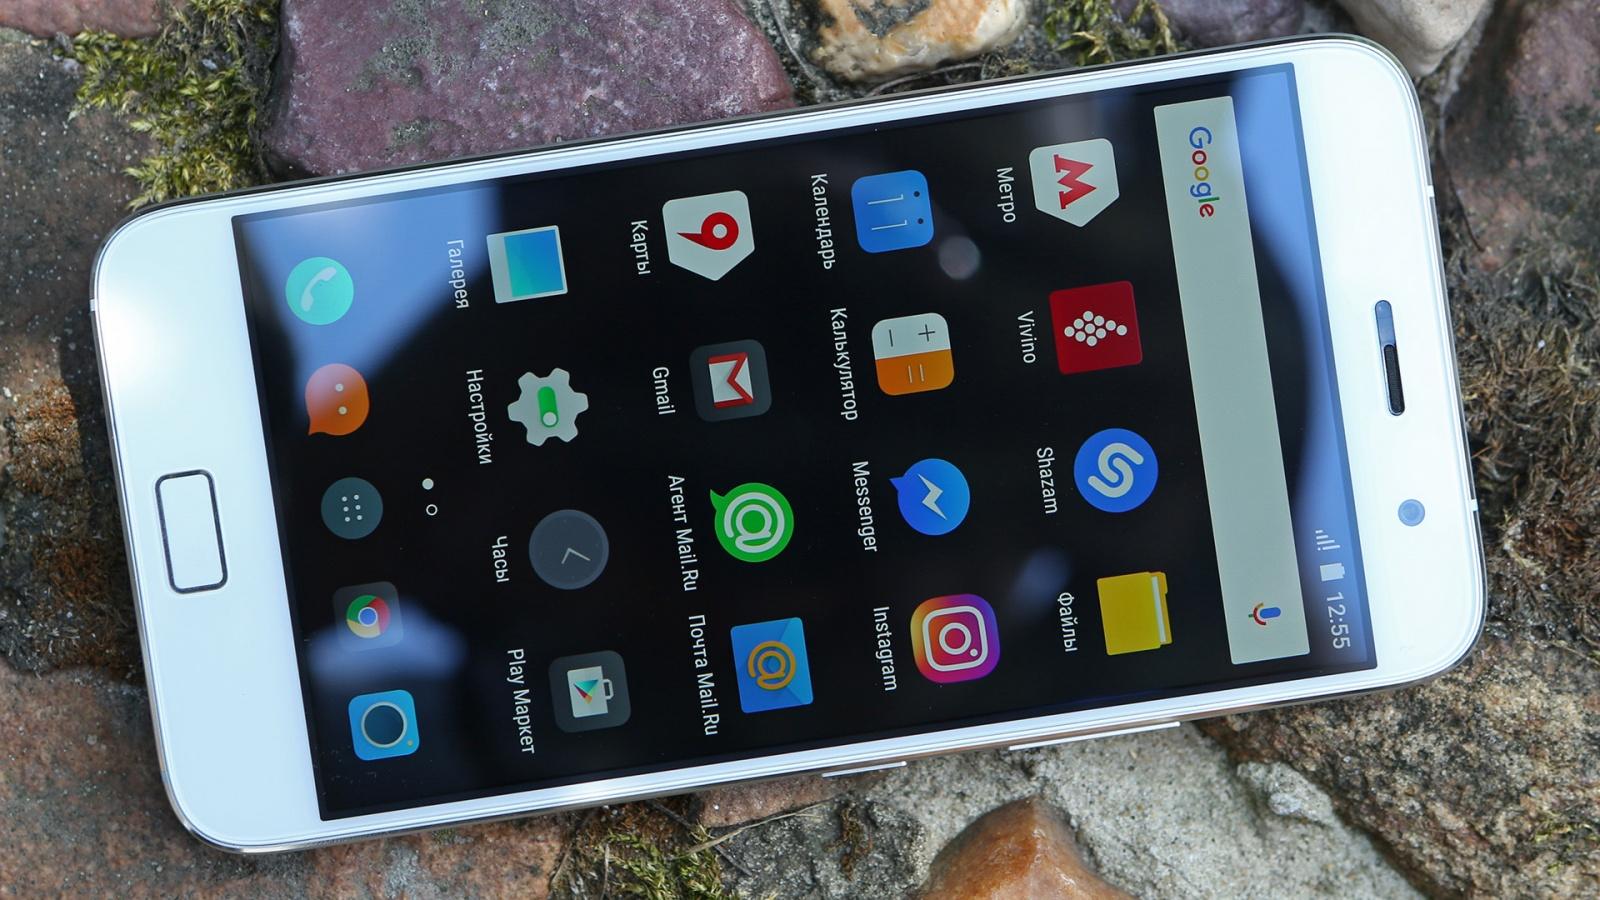 Обзор смартфона ZUK Z1: мощность и автономность по доступной цене - 7